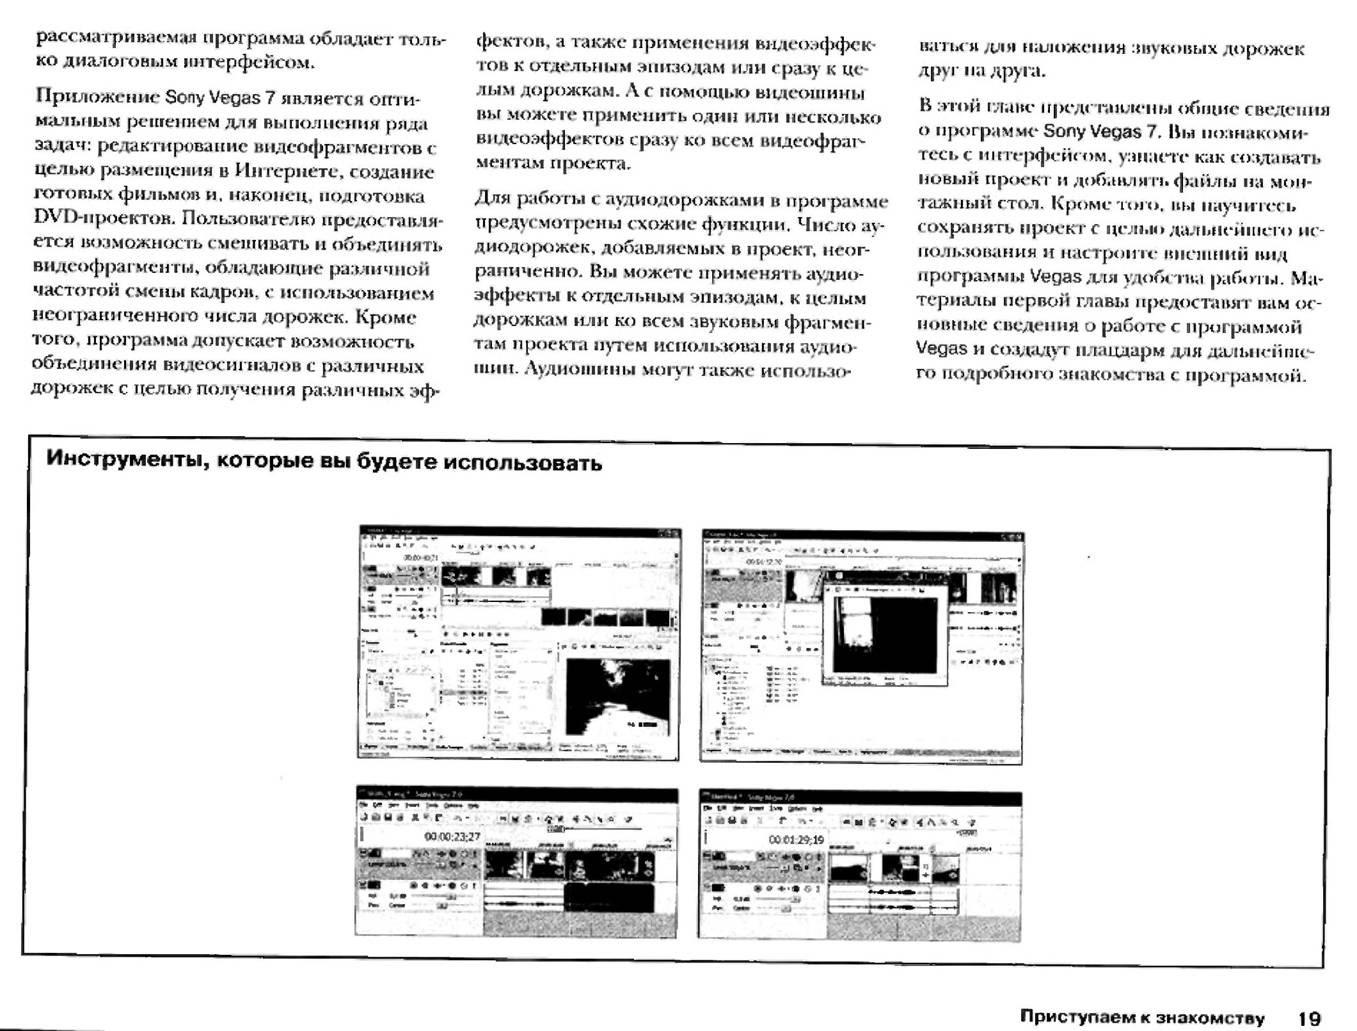 http://redaktori-uroki.3dn.ru/_ph/13/881661017.jpg